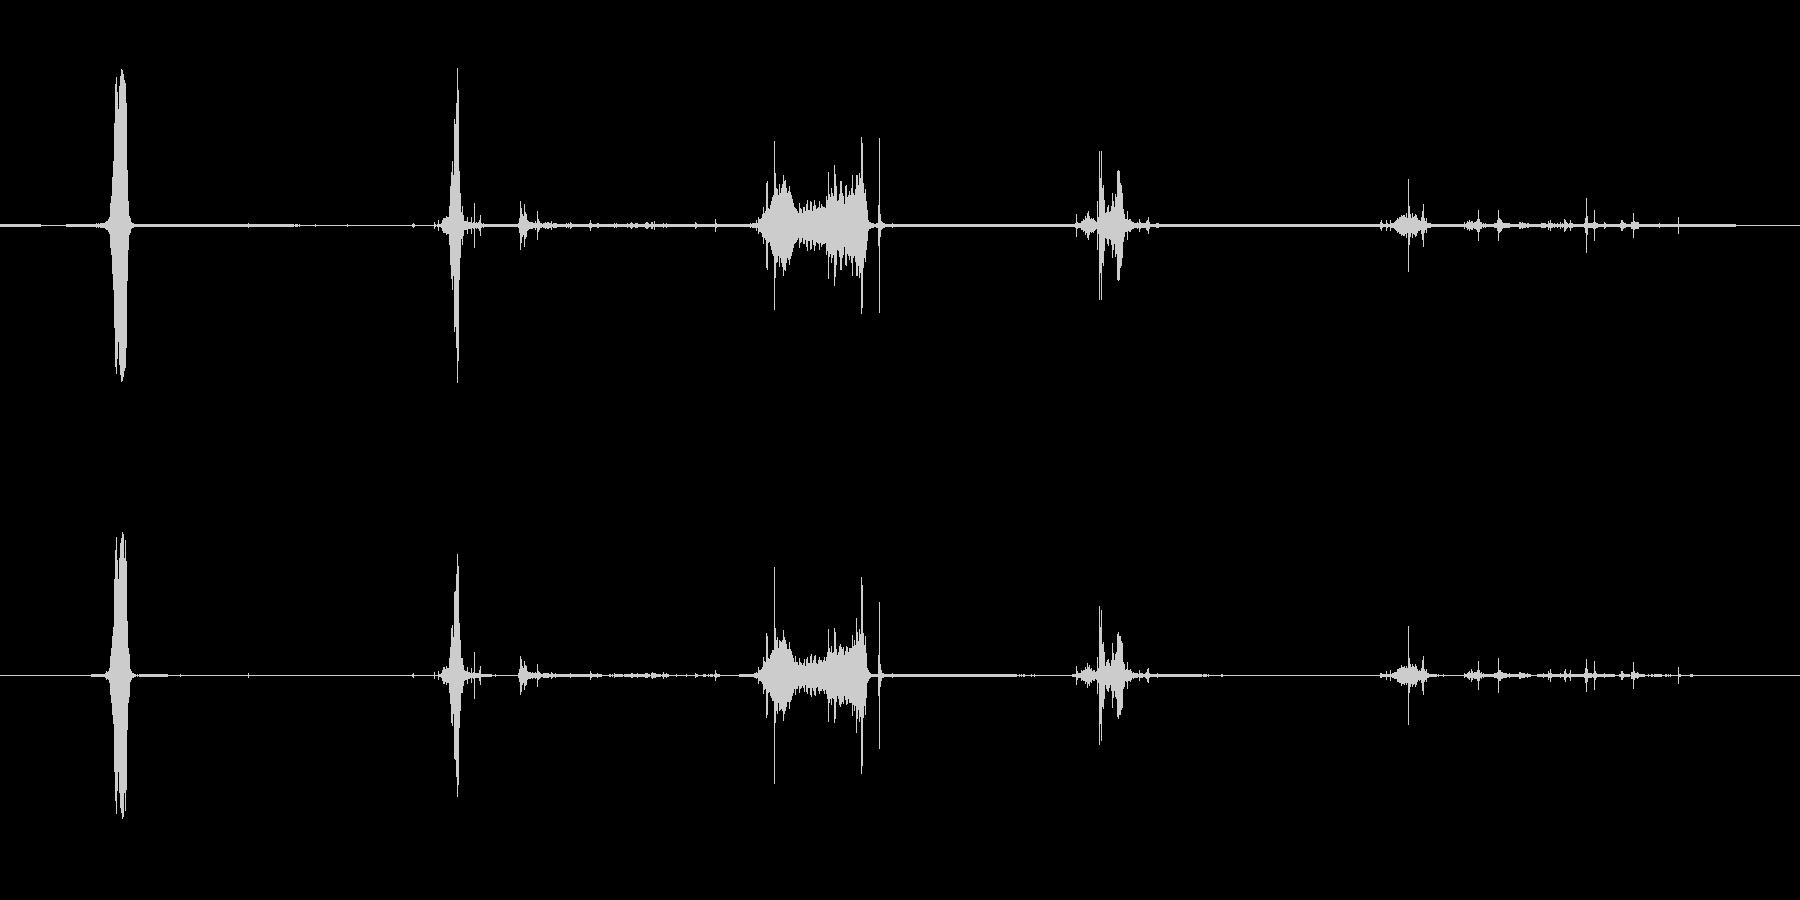 ペーパーカッター、マニュアル、オフ...の未再生の波形